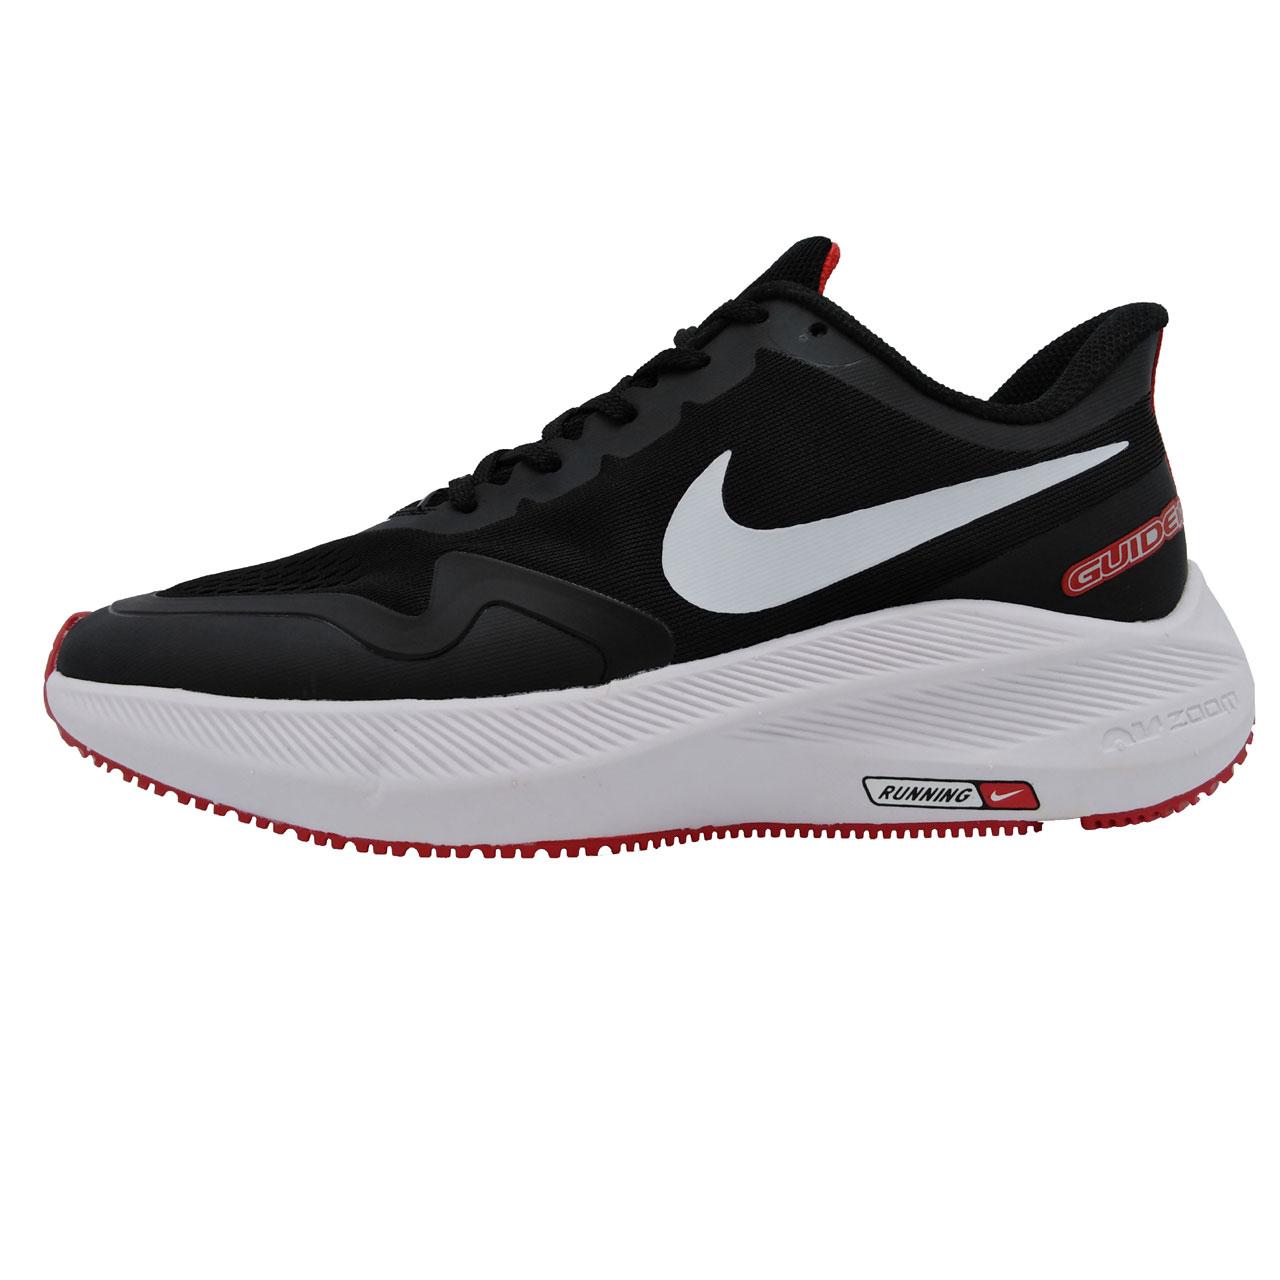 کفش مخصوص دویدن مردانه نایکی مدل Downshifter 7x